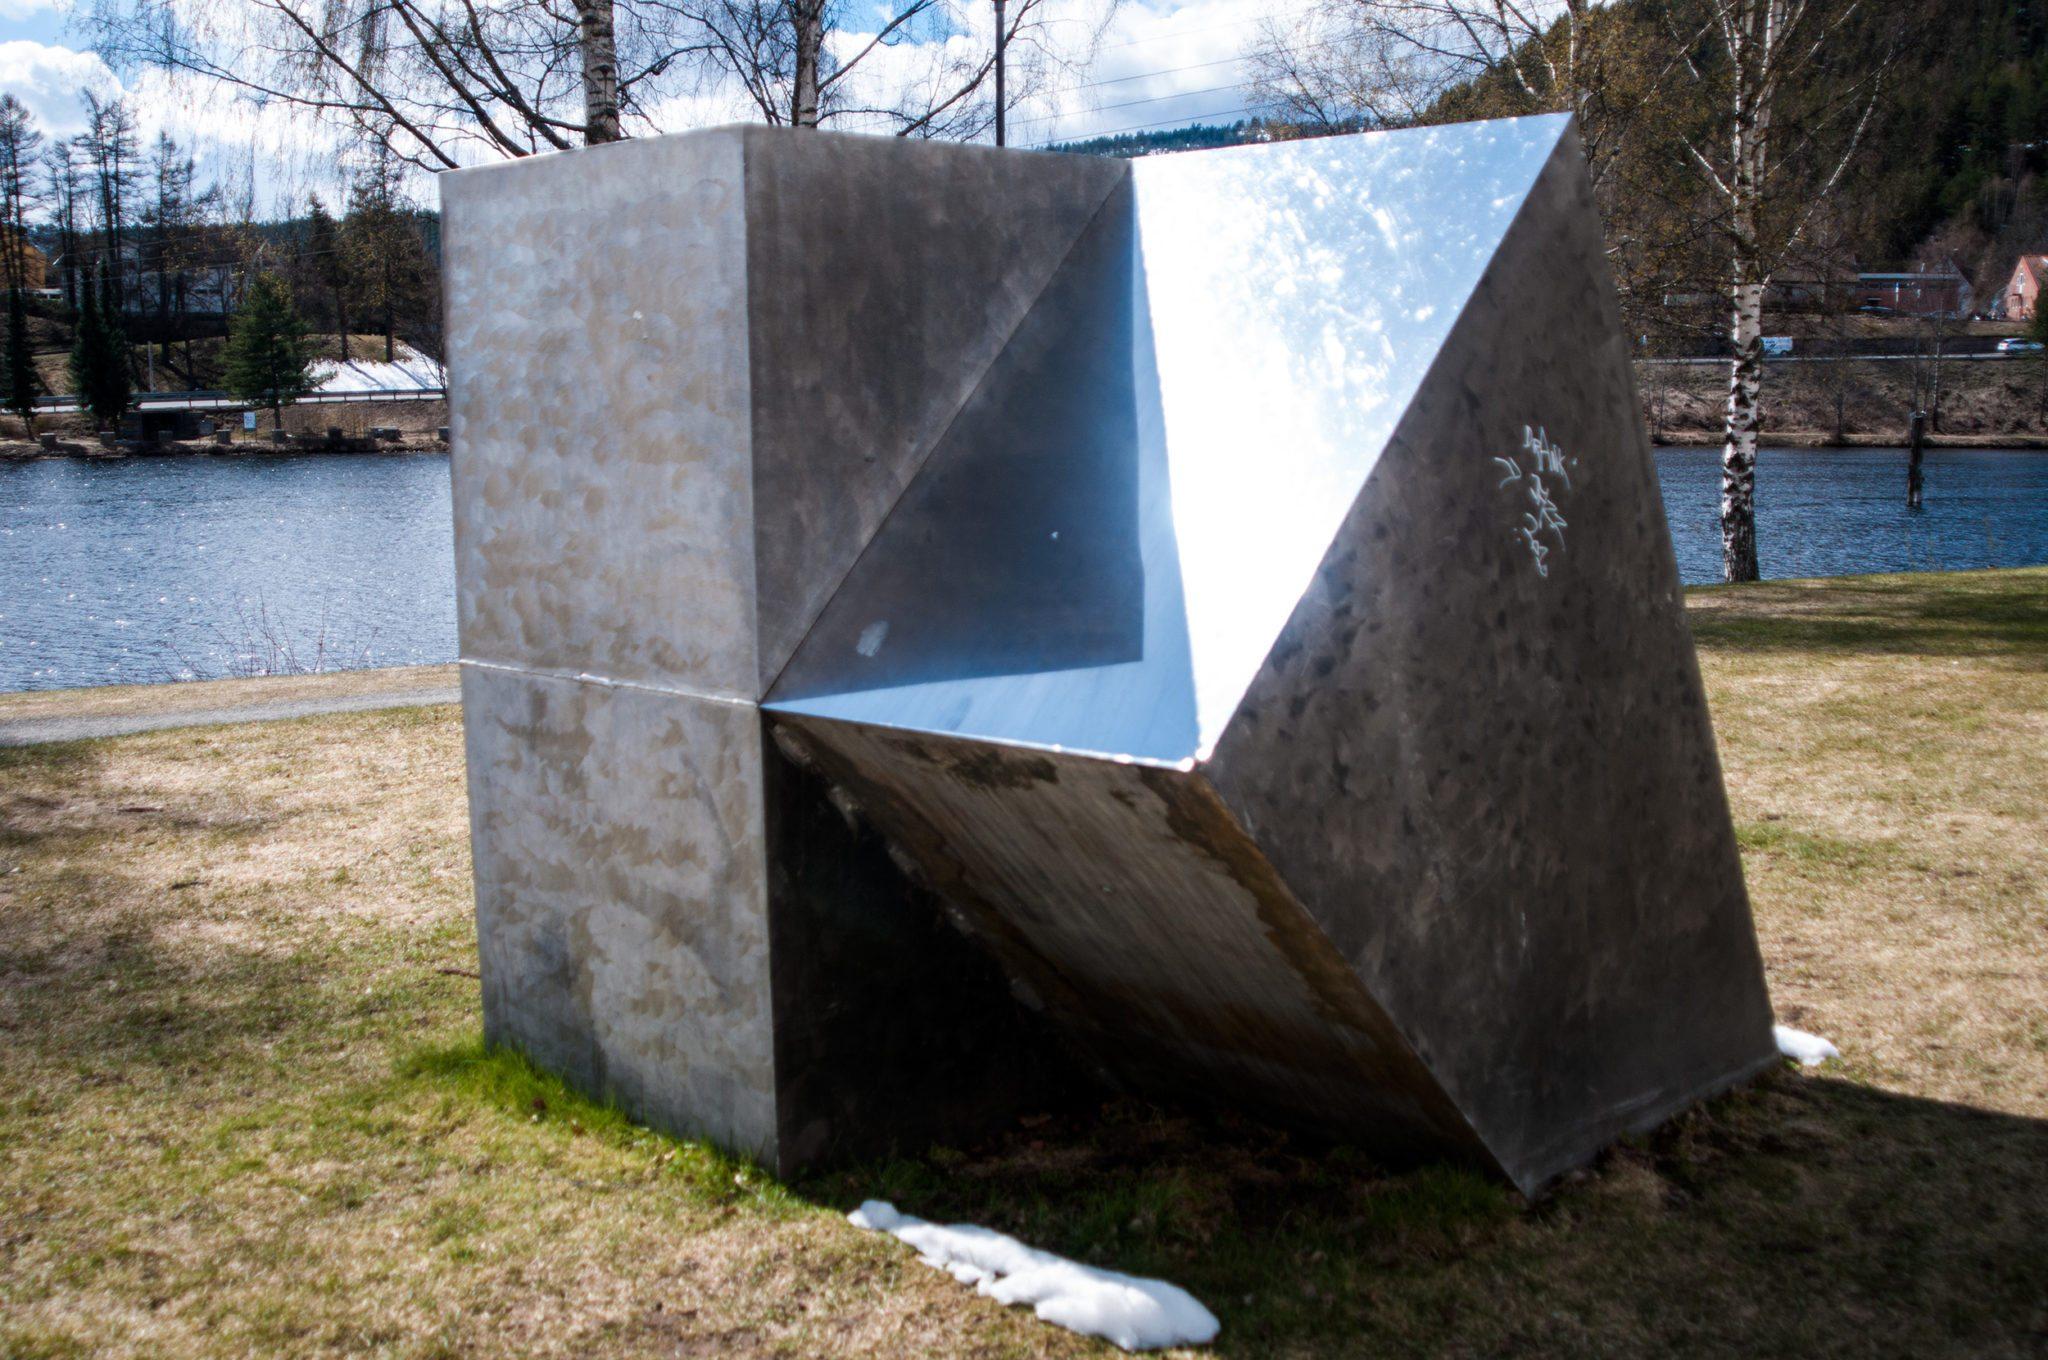 Denne moderne saken finner du i Magasinparken utenfor Tinius Olsens Skole. Vet du hva denne heter?